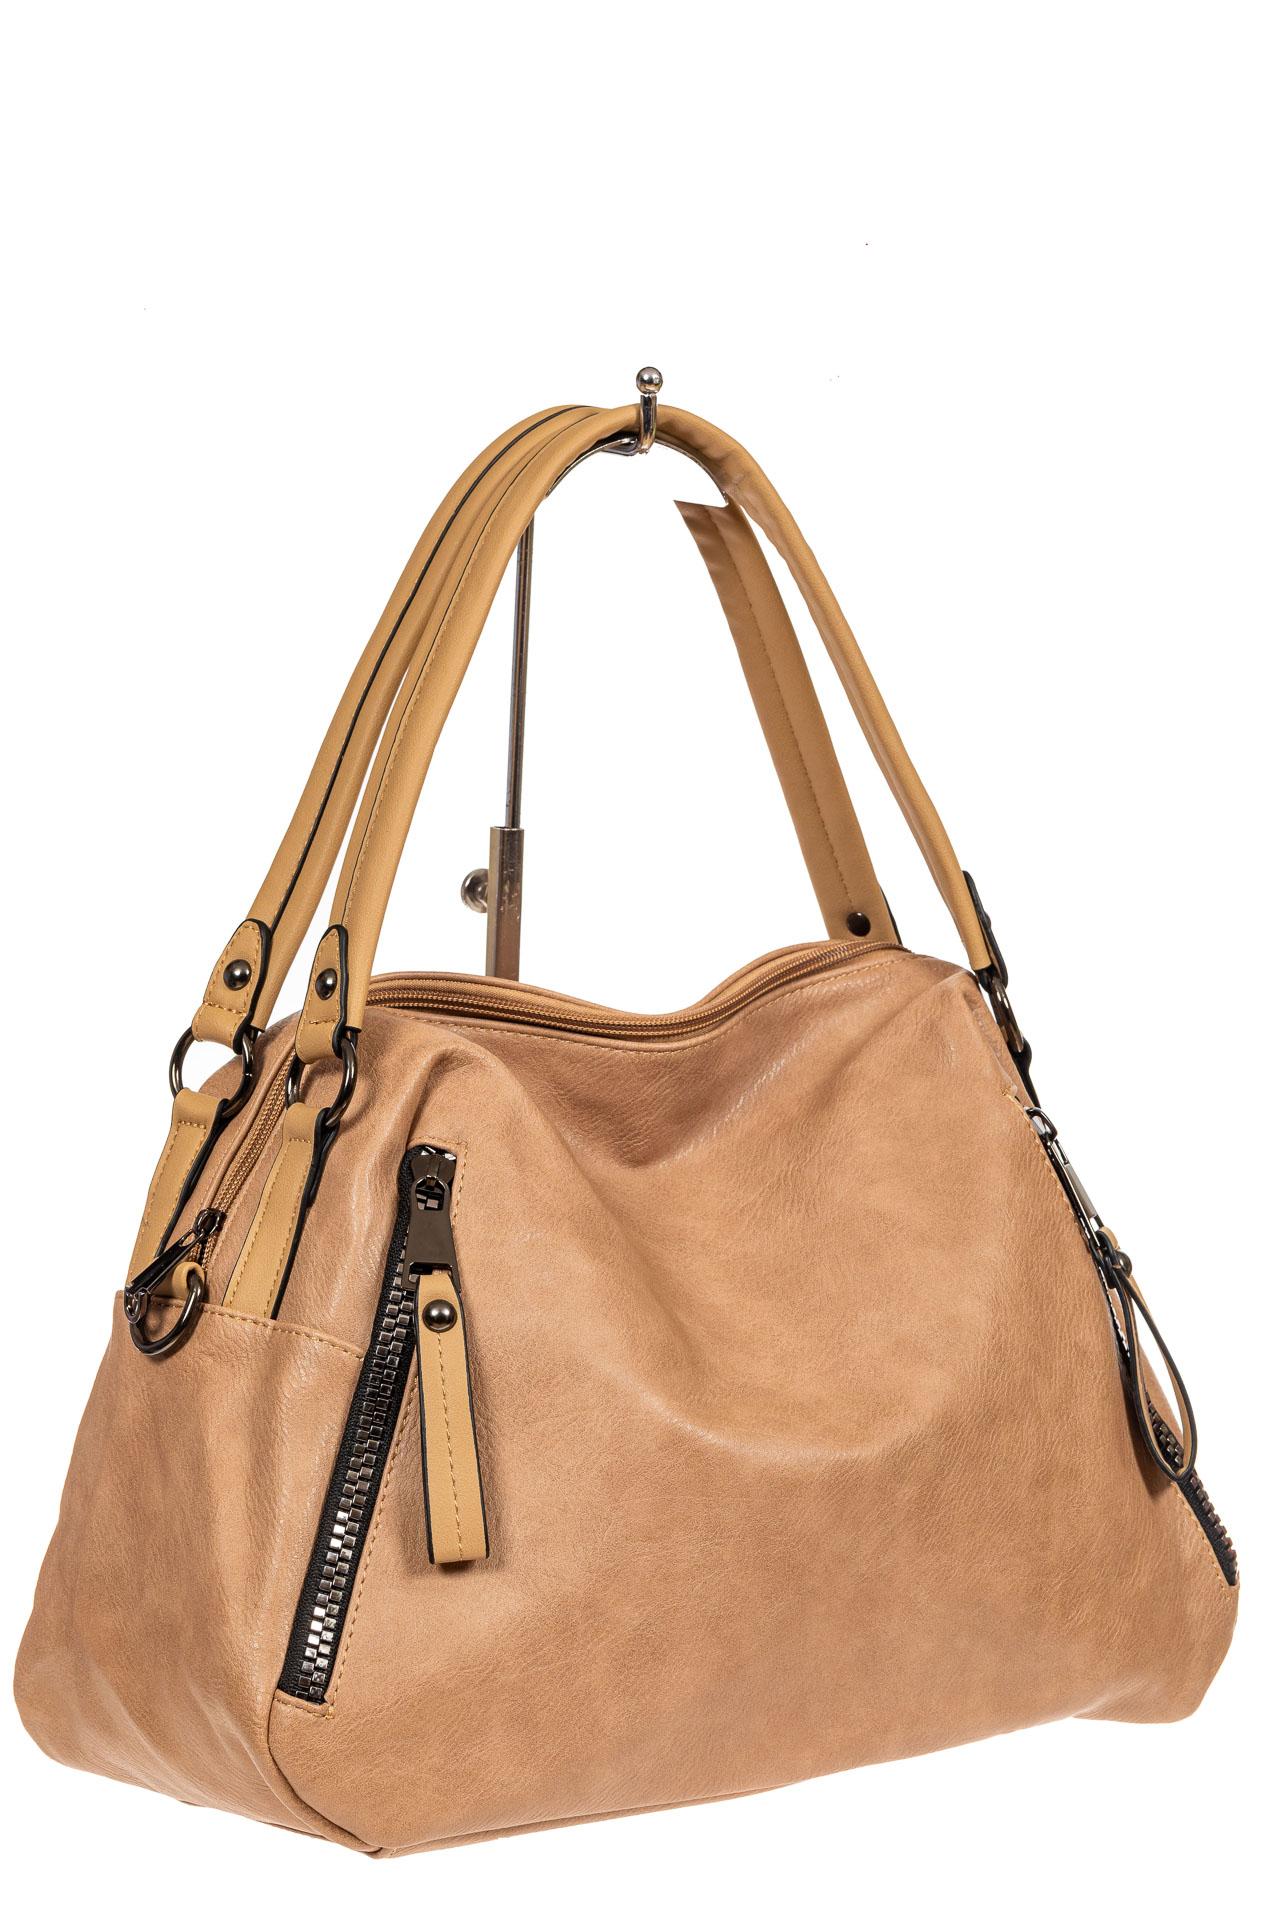 Большая сумка из искусственной кожи, цвет бежевый2041PTS0920/10